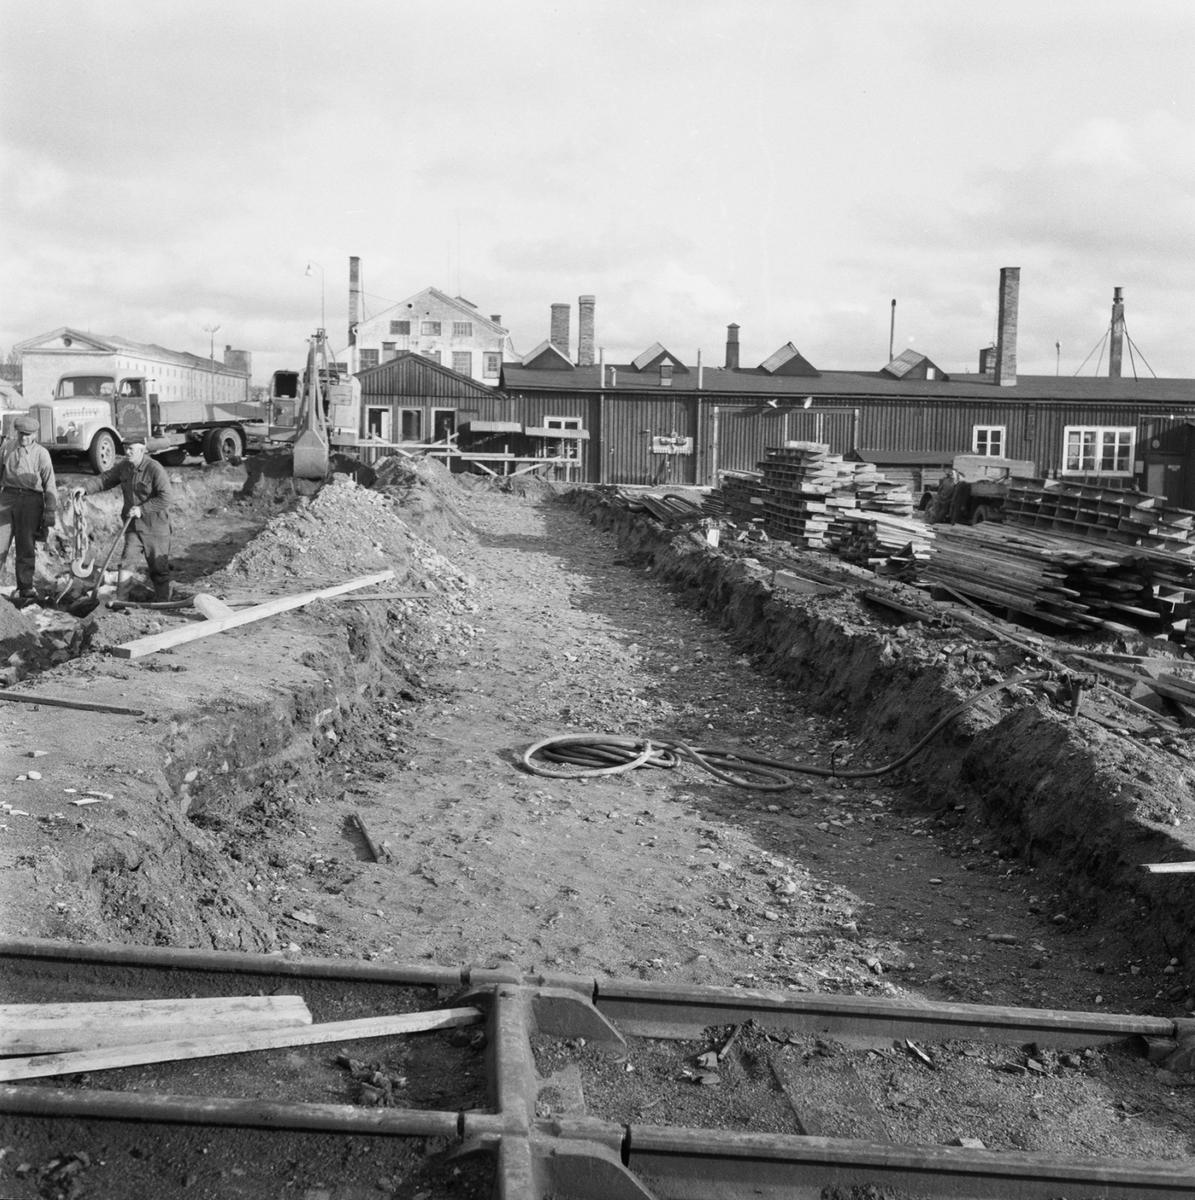 Övrigt: Fotodatum:30/10 1959 Byggnader och Kranar. Slipen spåromläggning